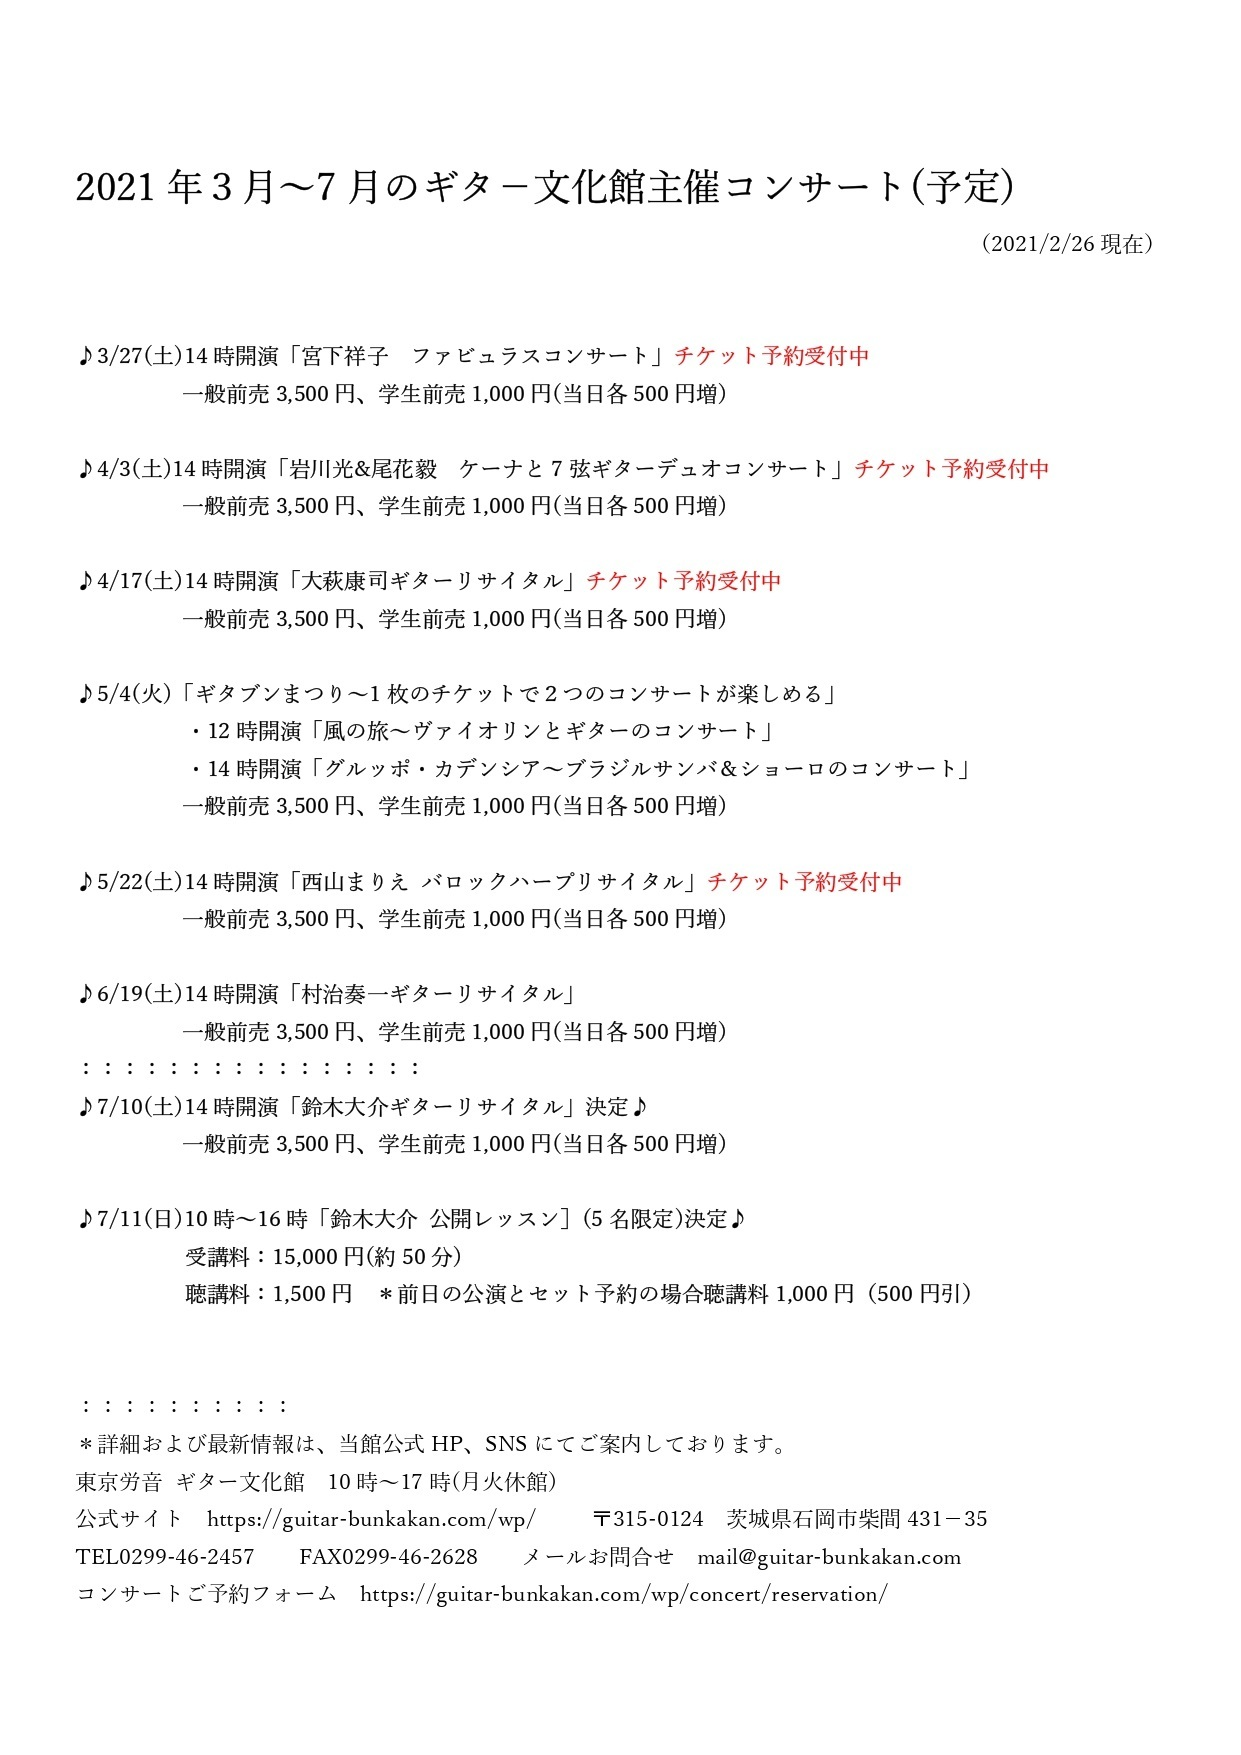 3月〜7月のコンサート予定_page-0001